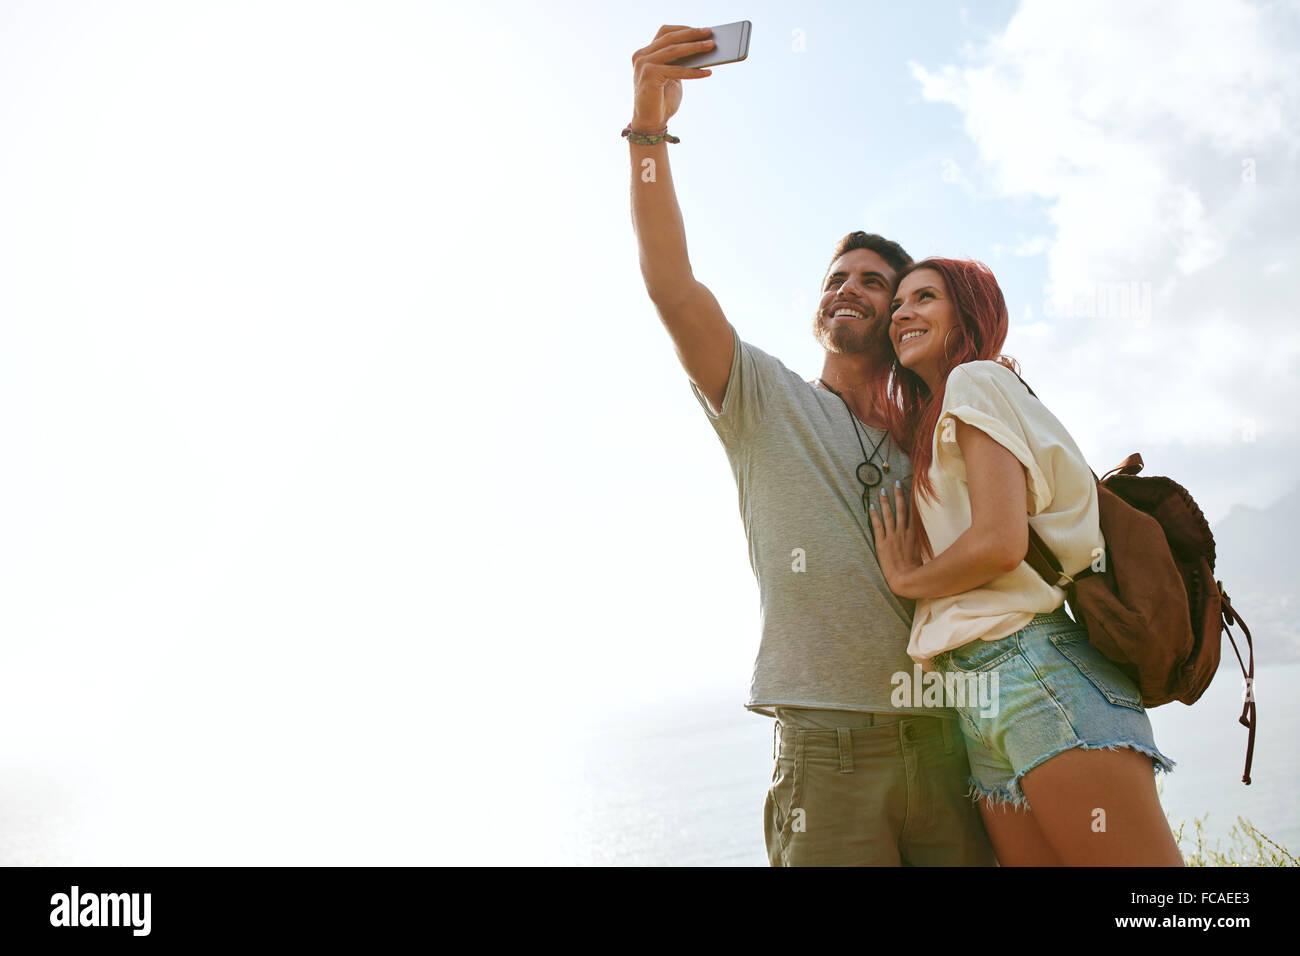 Low angle view of loving couple jeune en vacances en prenant un autoportrait avec le smartphone à l'extérieur. Photo Stock